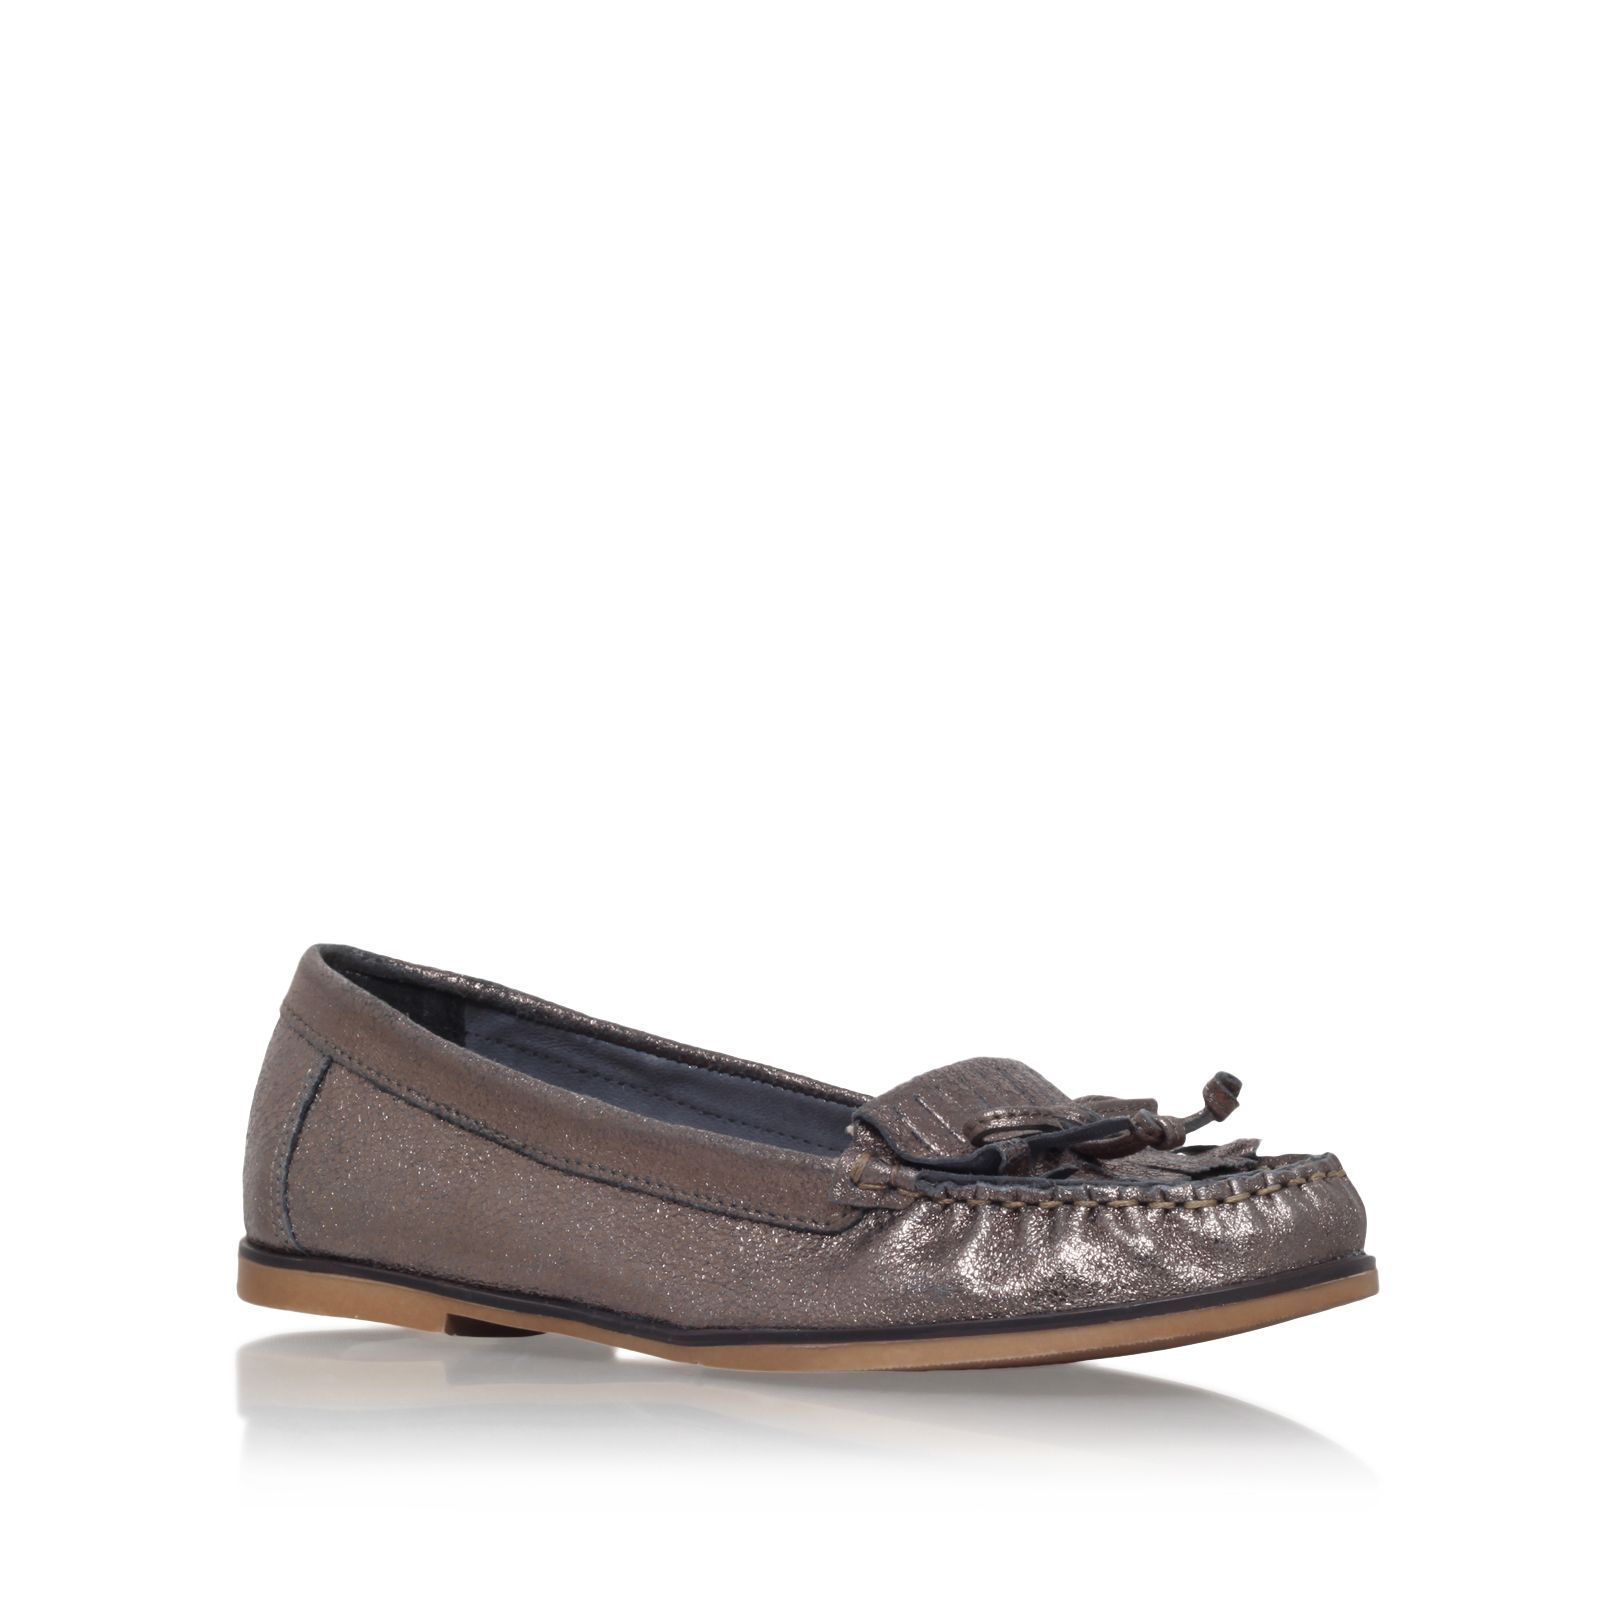 caaa2ab22ec Carvela Mock flat slip on loafers